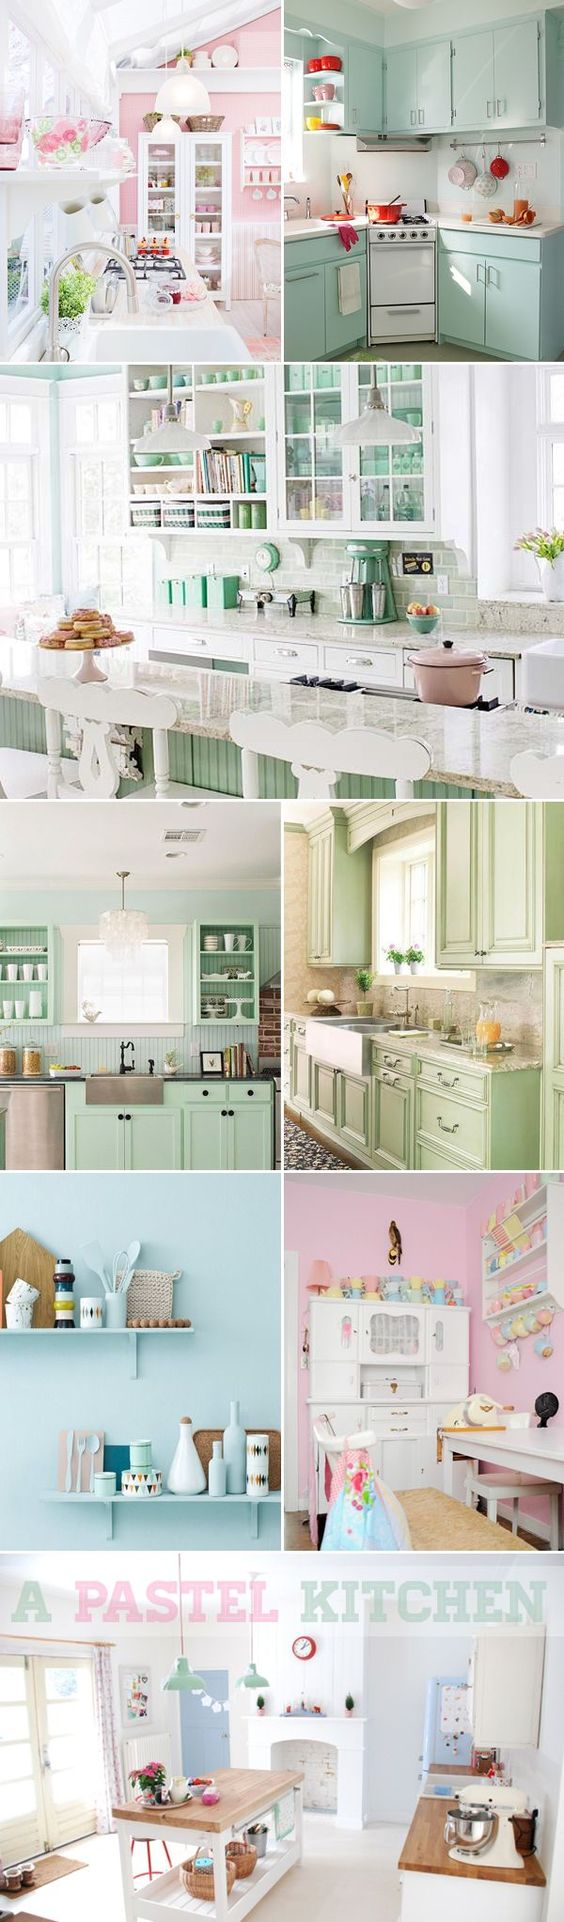 Pastel kitchen, Pastel and Kitchen designs on Pinterest